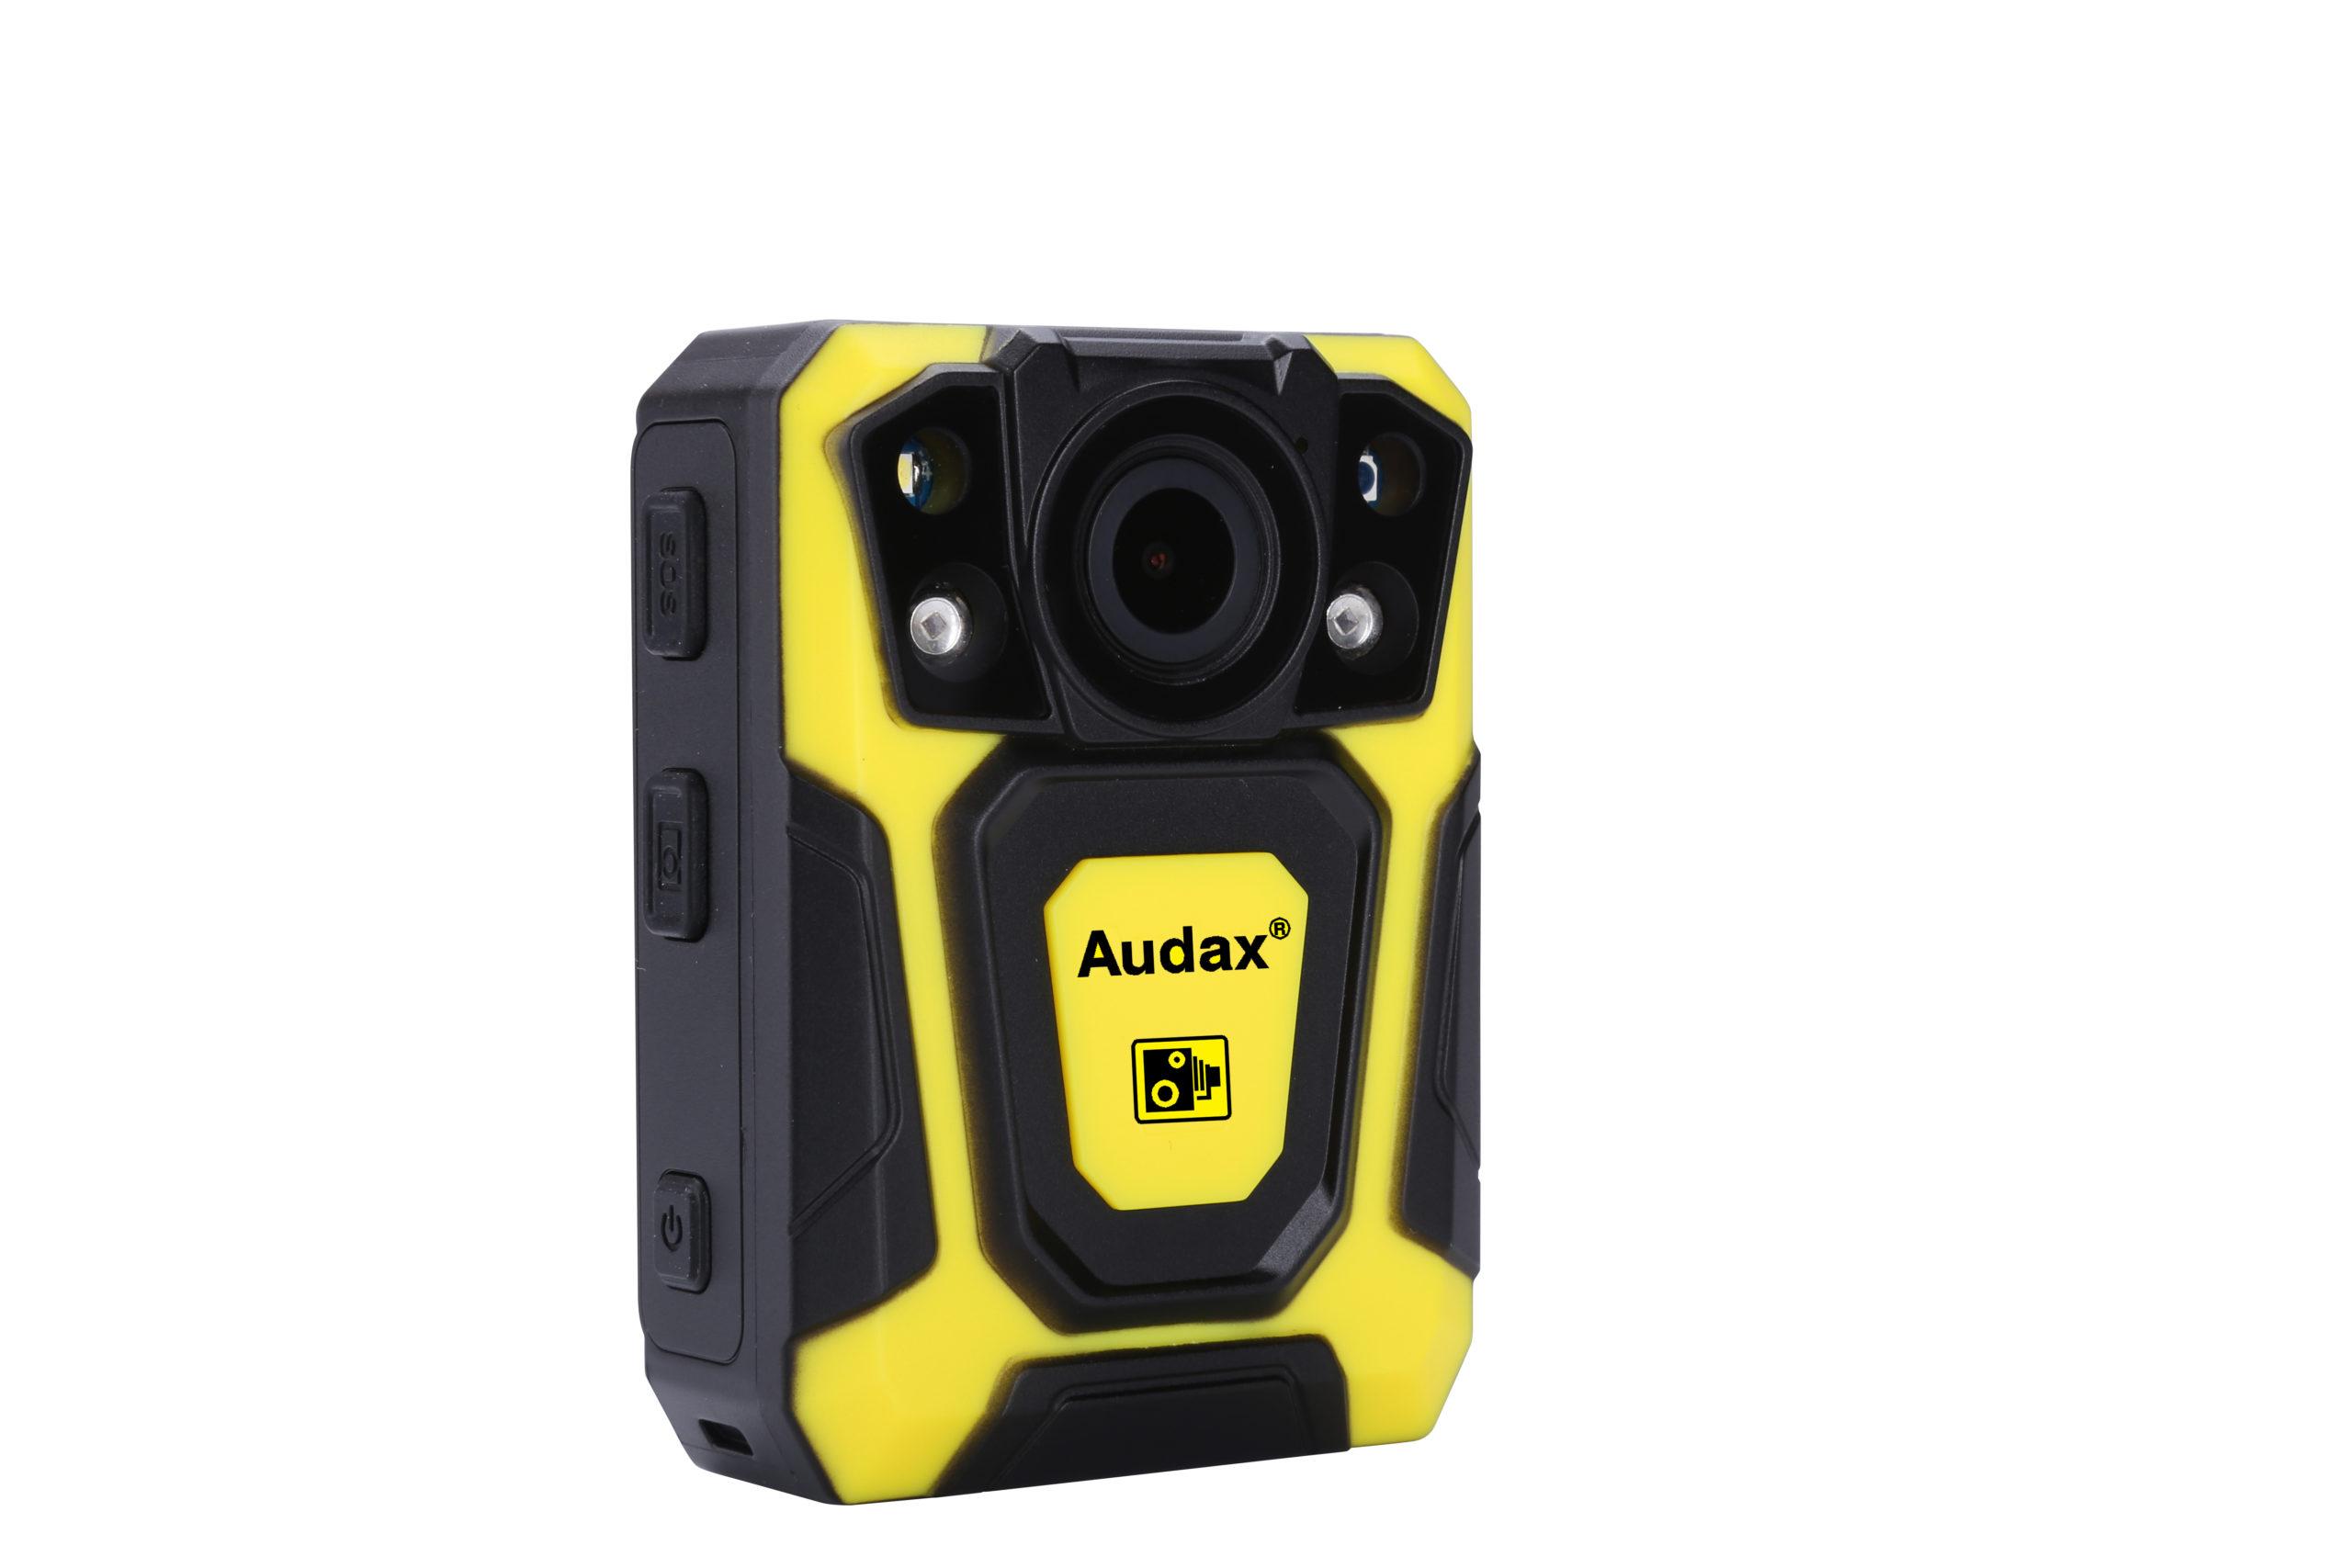 Caméra piéton Audax 201 Image